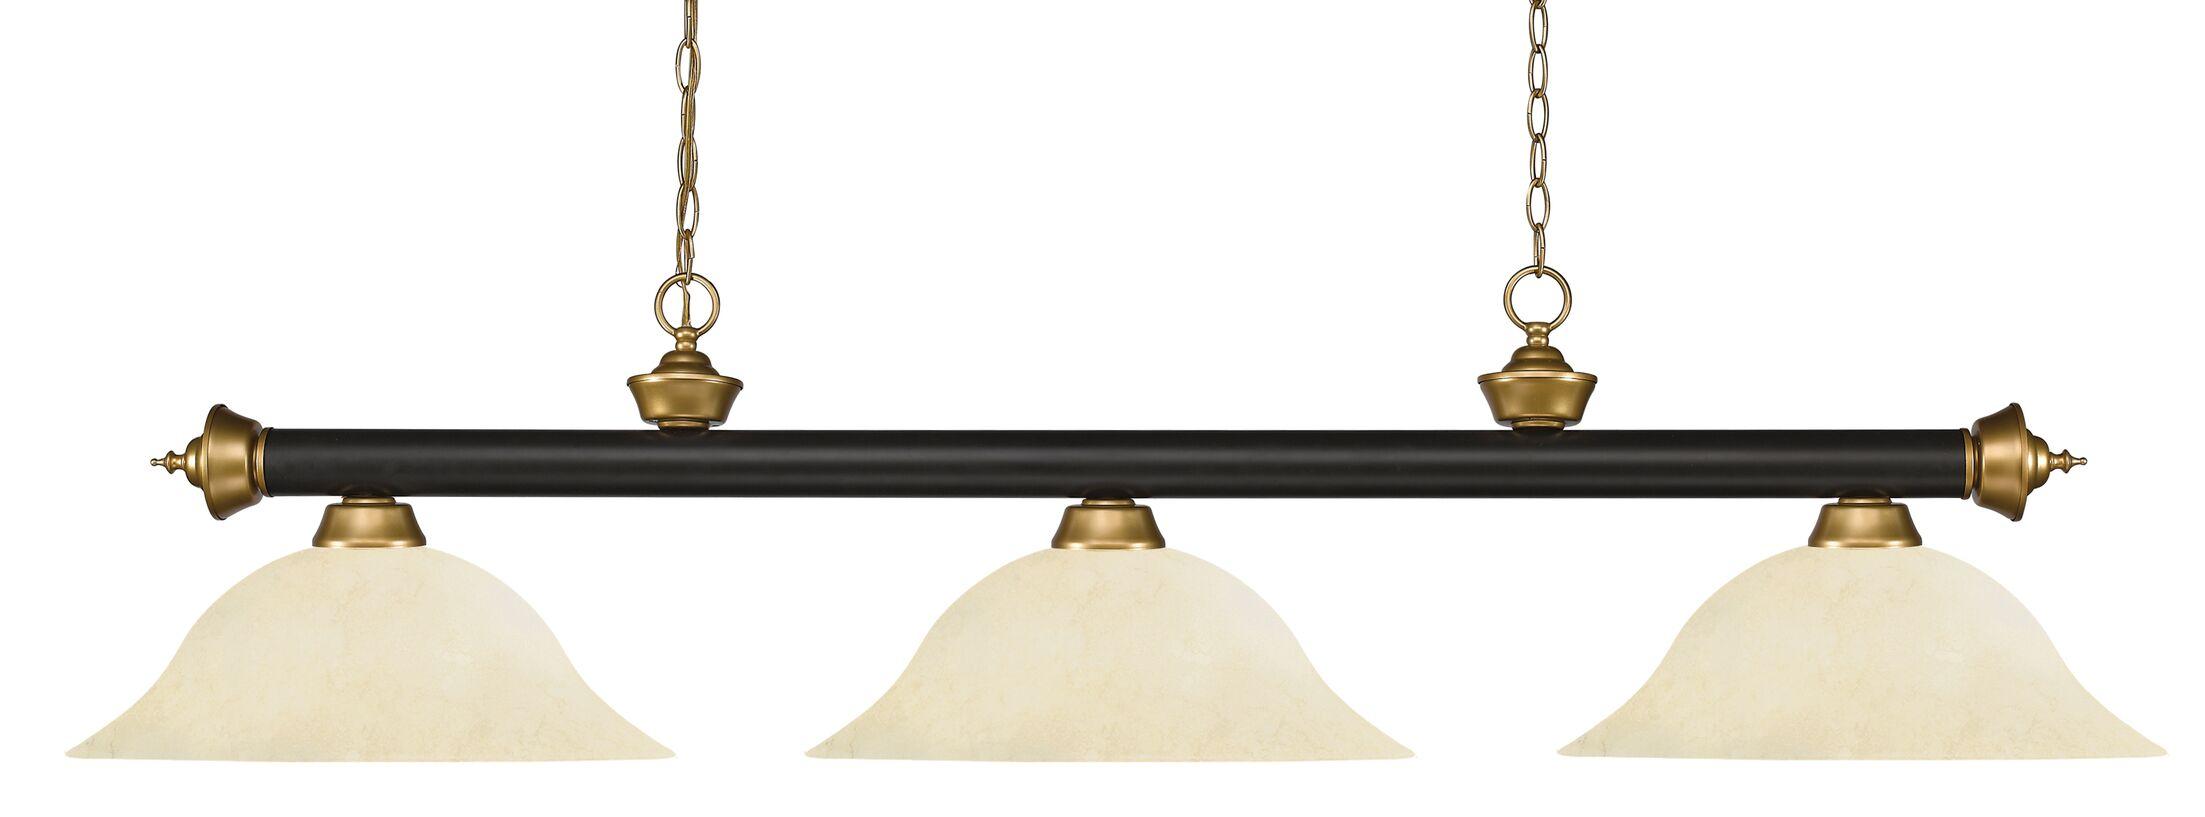 Zephyr 3-Light Bell Glass Shade Pool Table Light